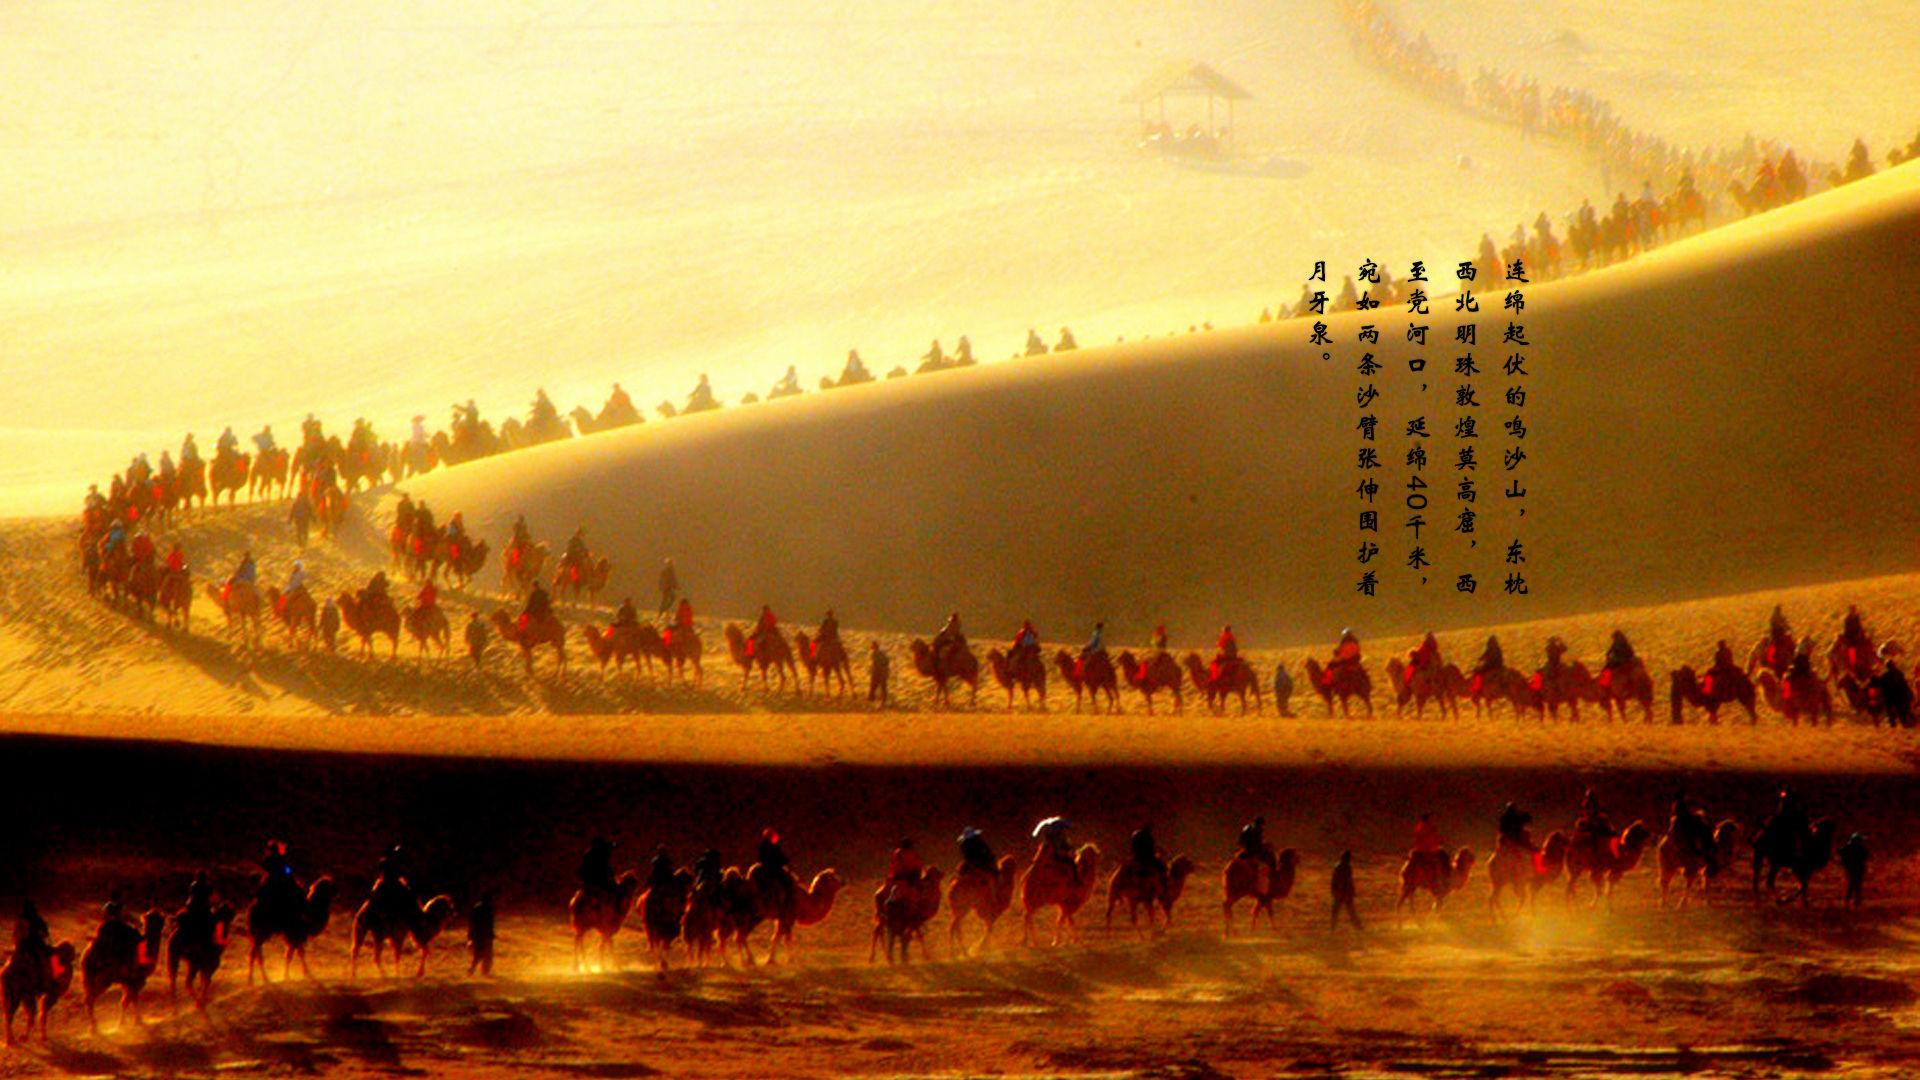 古丝绸之路-远方 敦煌